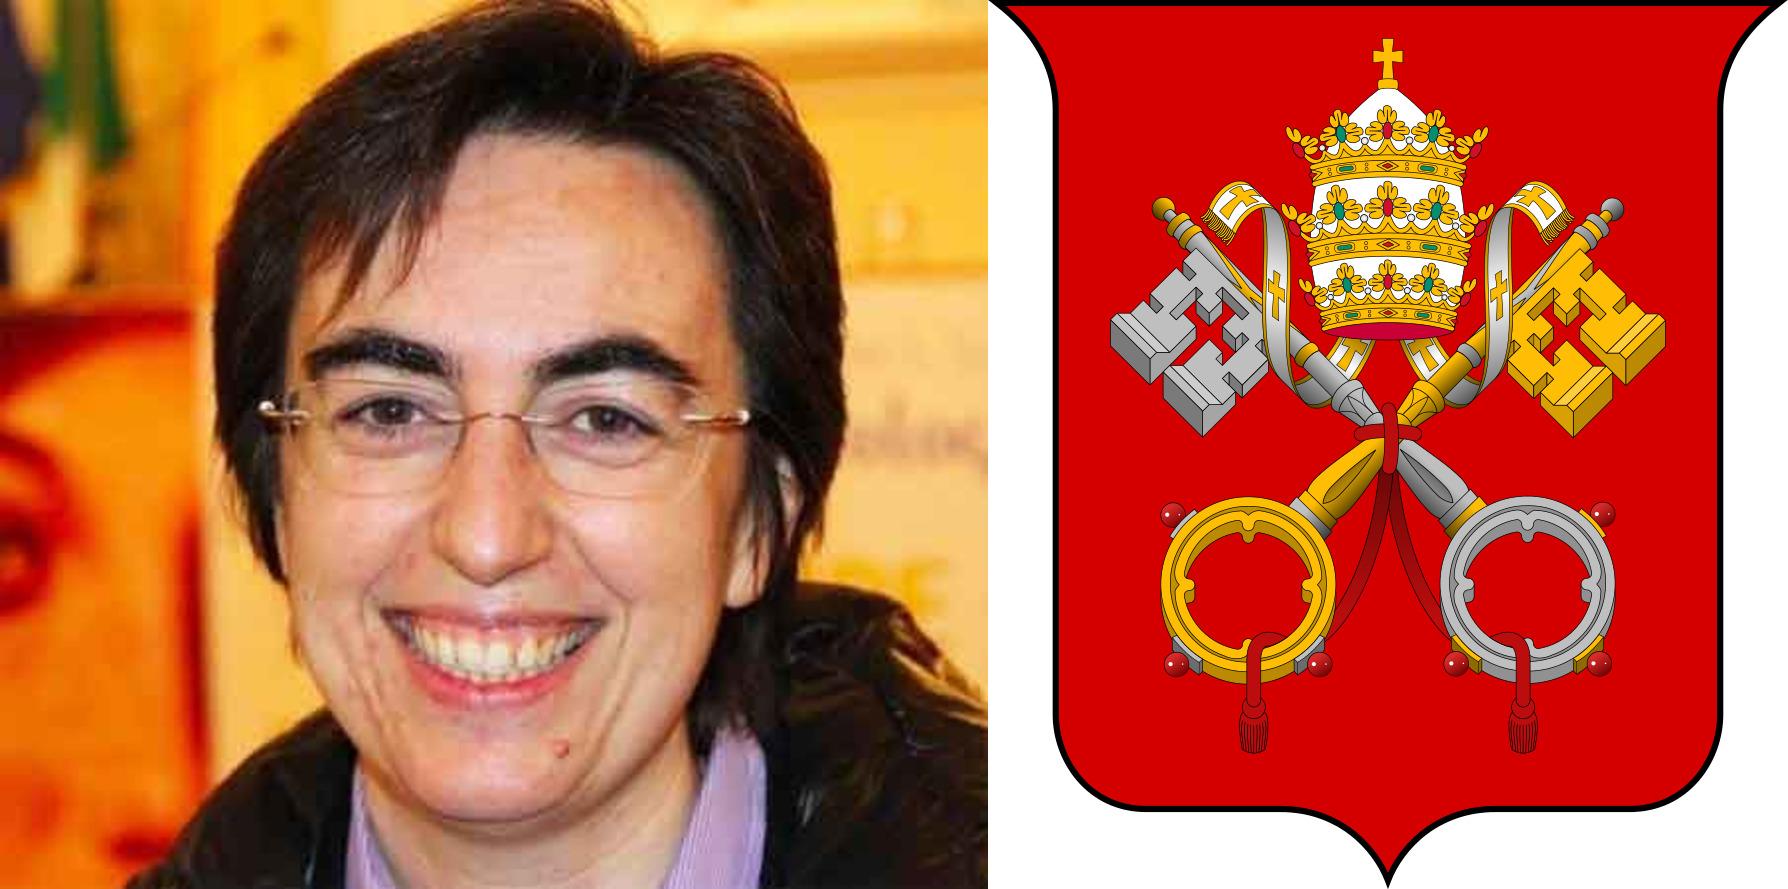 Впервые советником Города-Государства Ватикан стала женщина